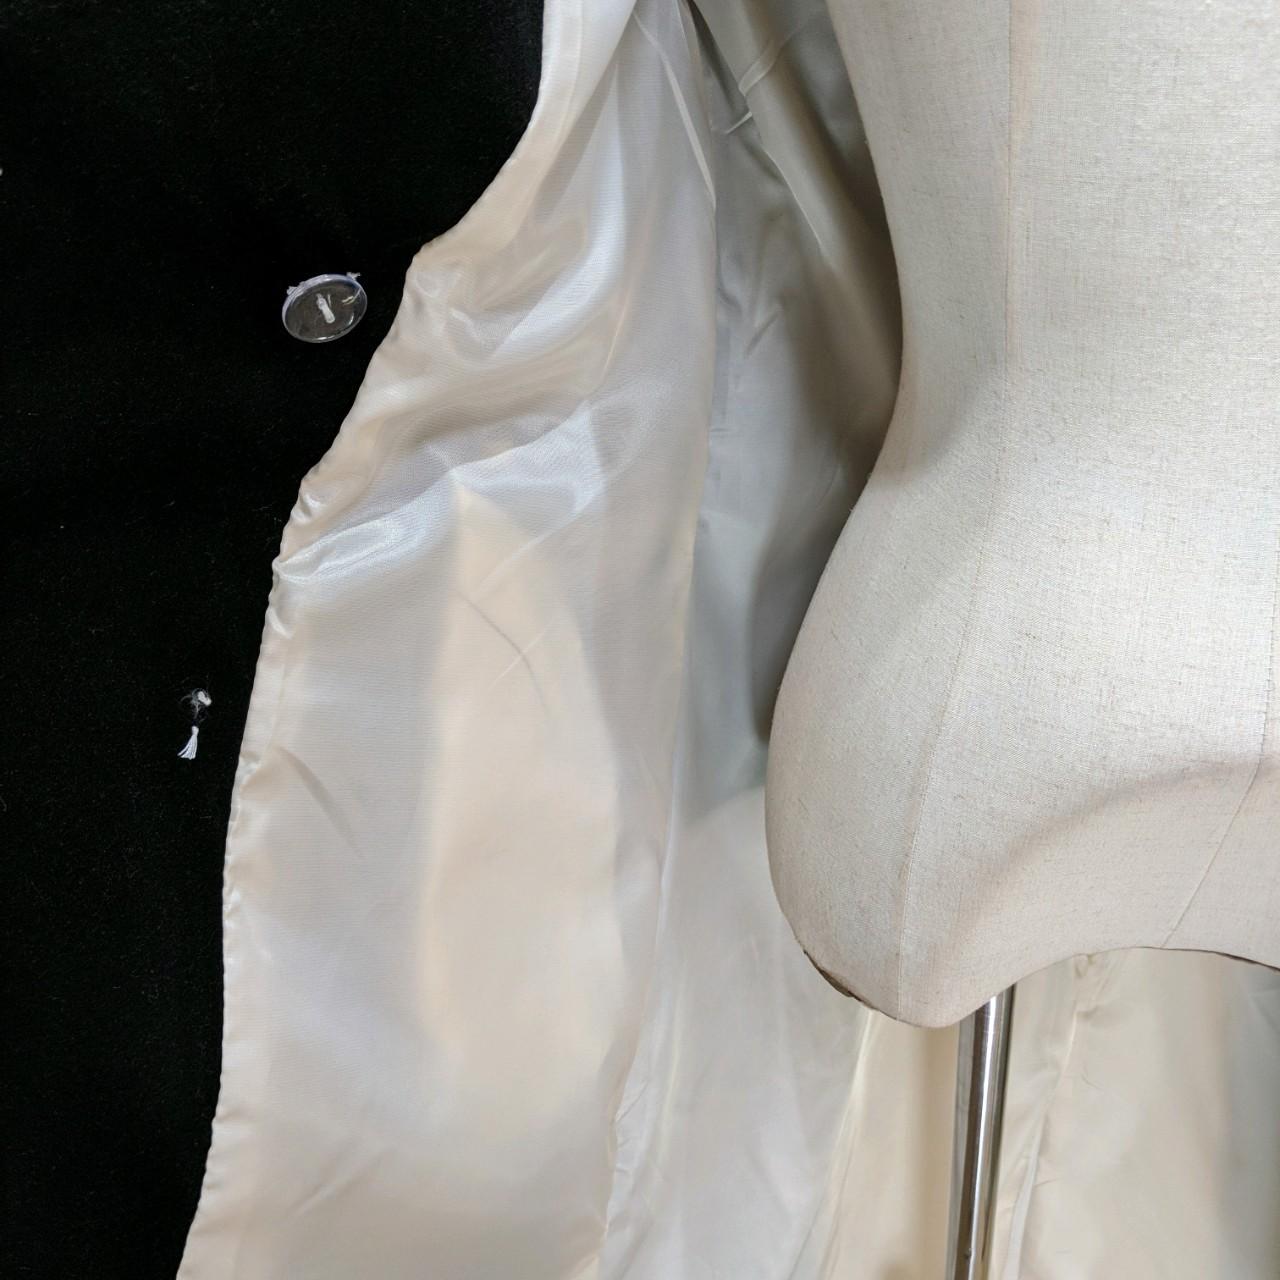 【即納】韓国 ファッション アウター コート 秋 冬 パーティー ブライダル SPTXG918  ミリタリー調 バイカラー アシンメトリー 二次会 セレブ きれいめの写真16枚目